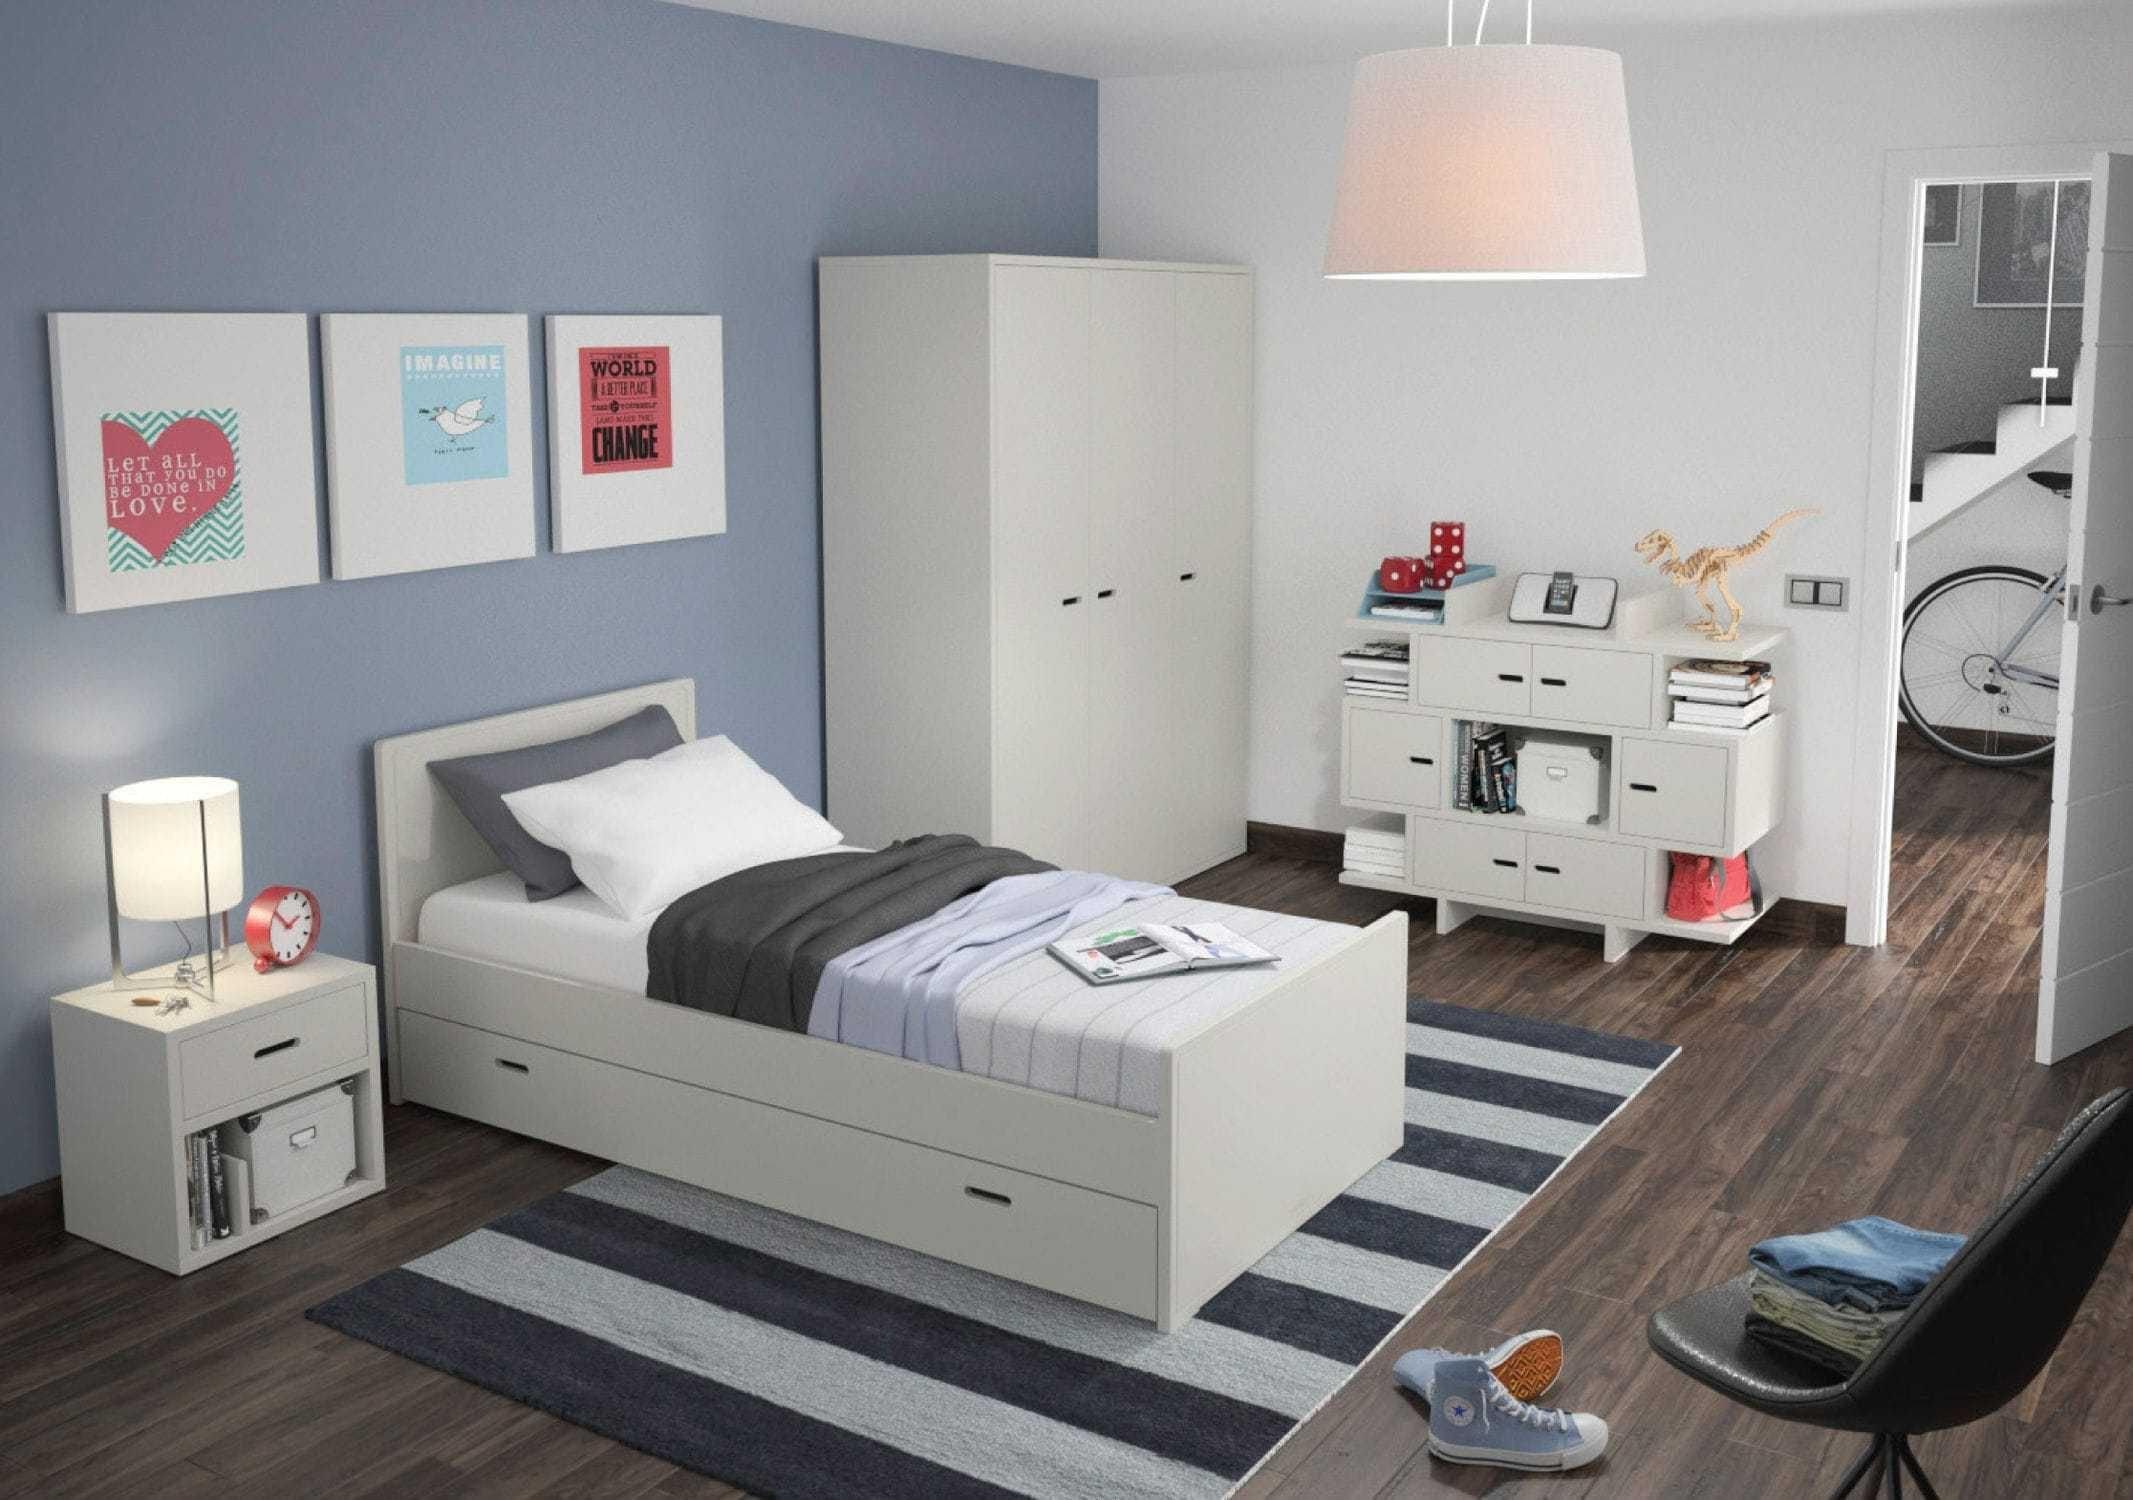 Girls toddler Bedroom Set Inspirational 15 Lovely Childrens Bedroom Furniture Sets Ideas